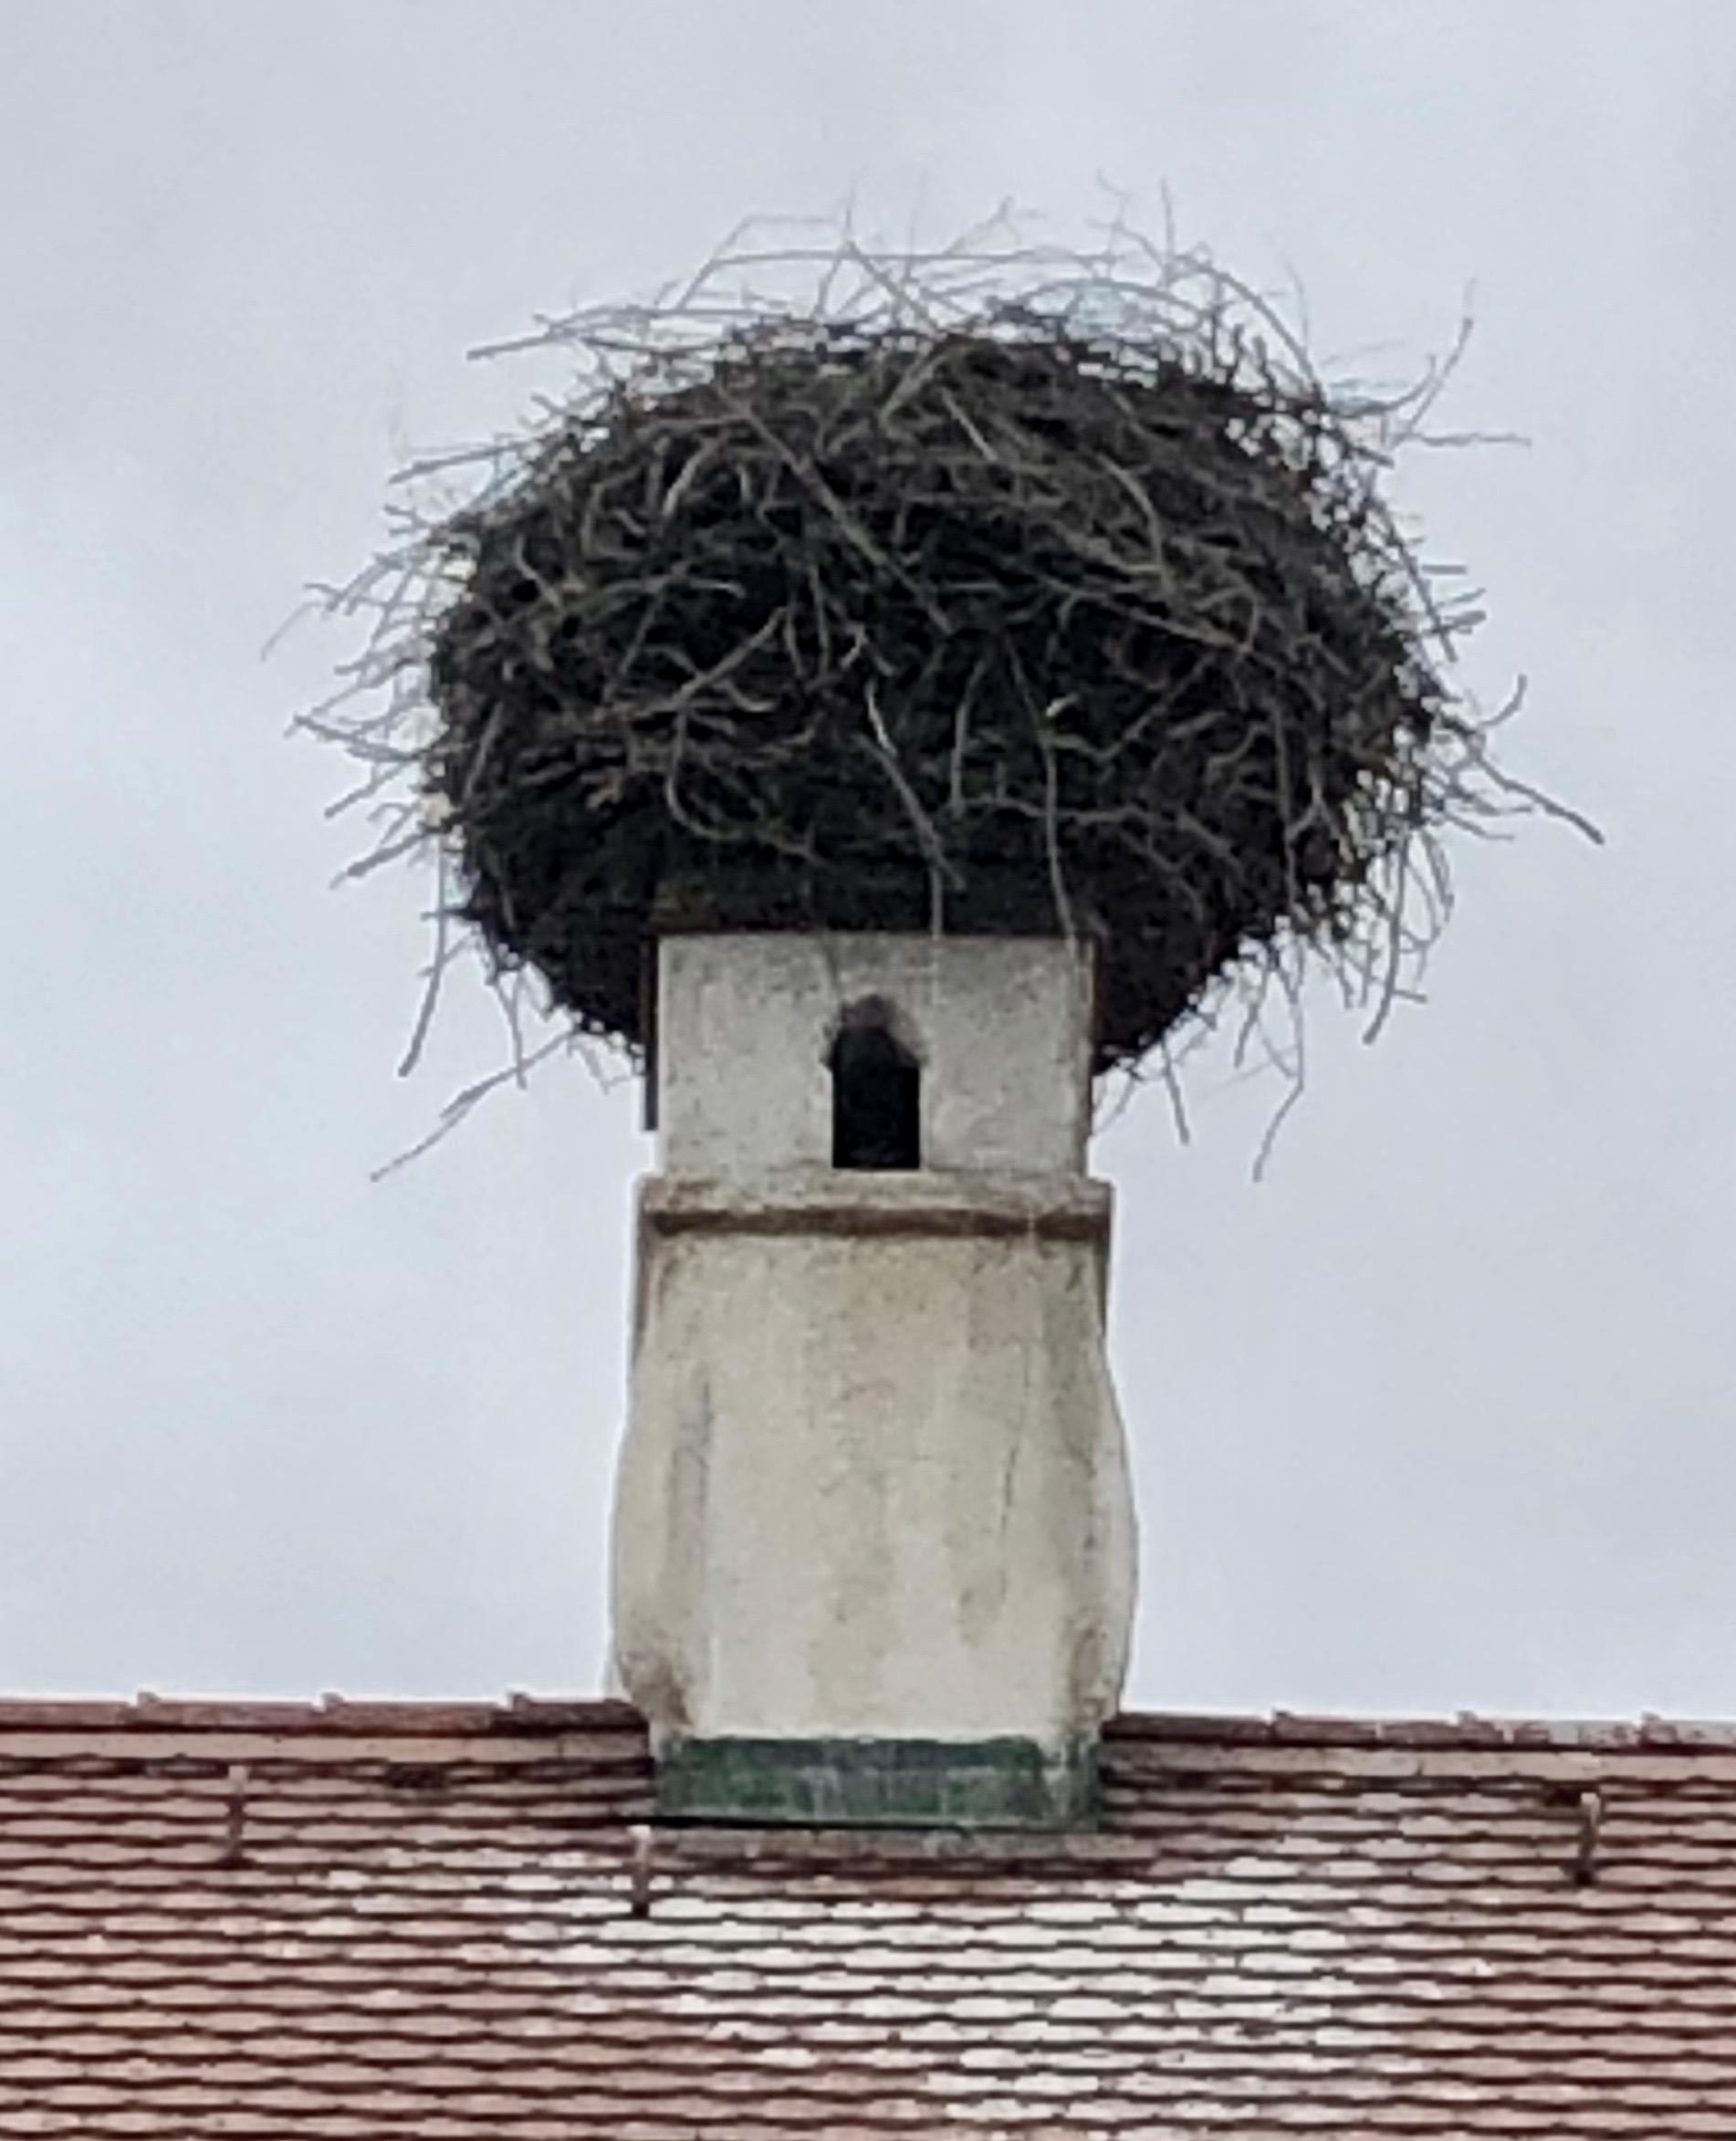 stork nest by studiobeerhorst